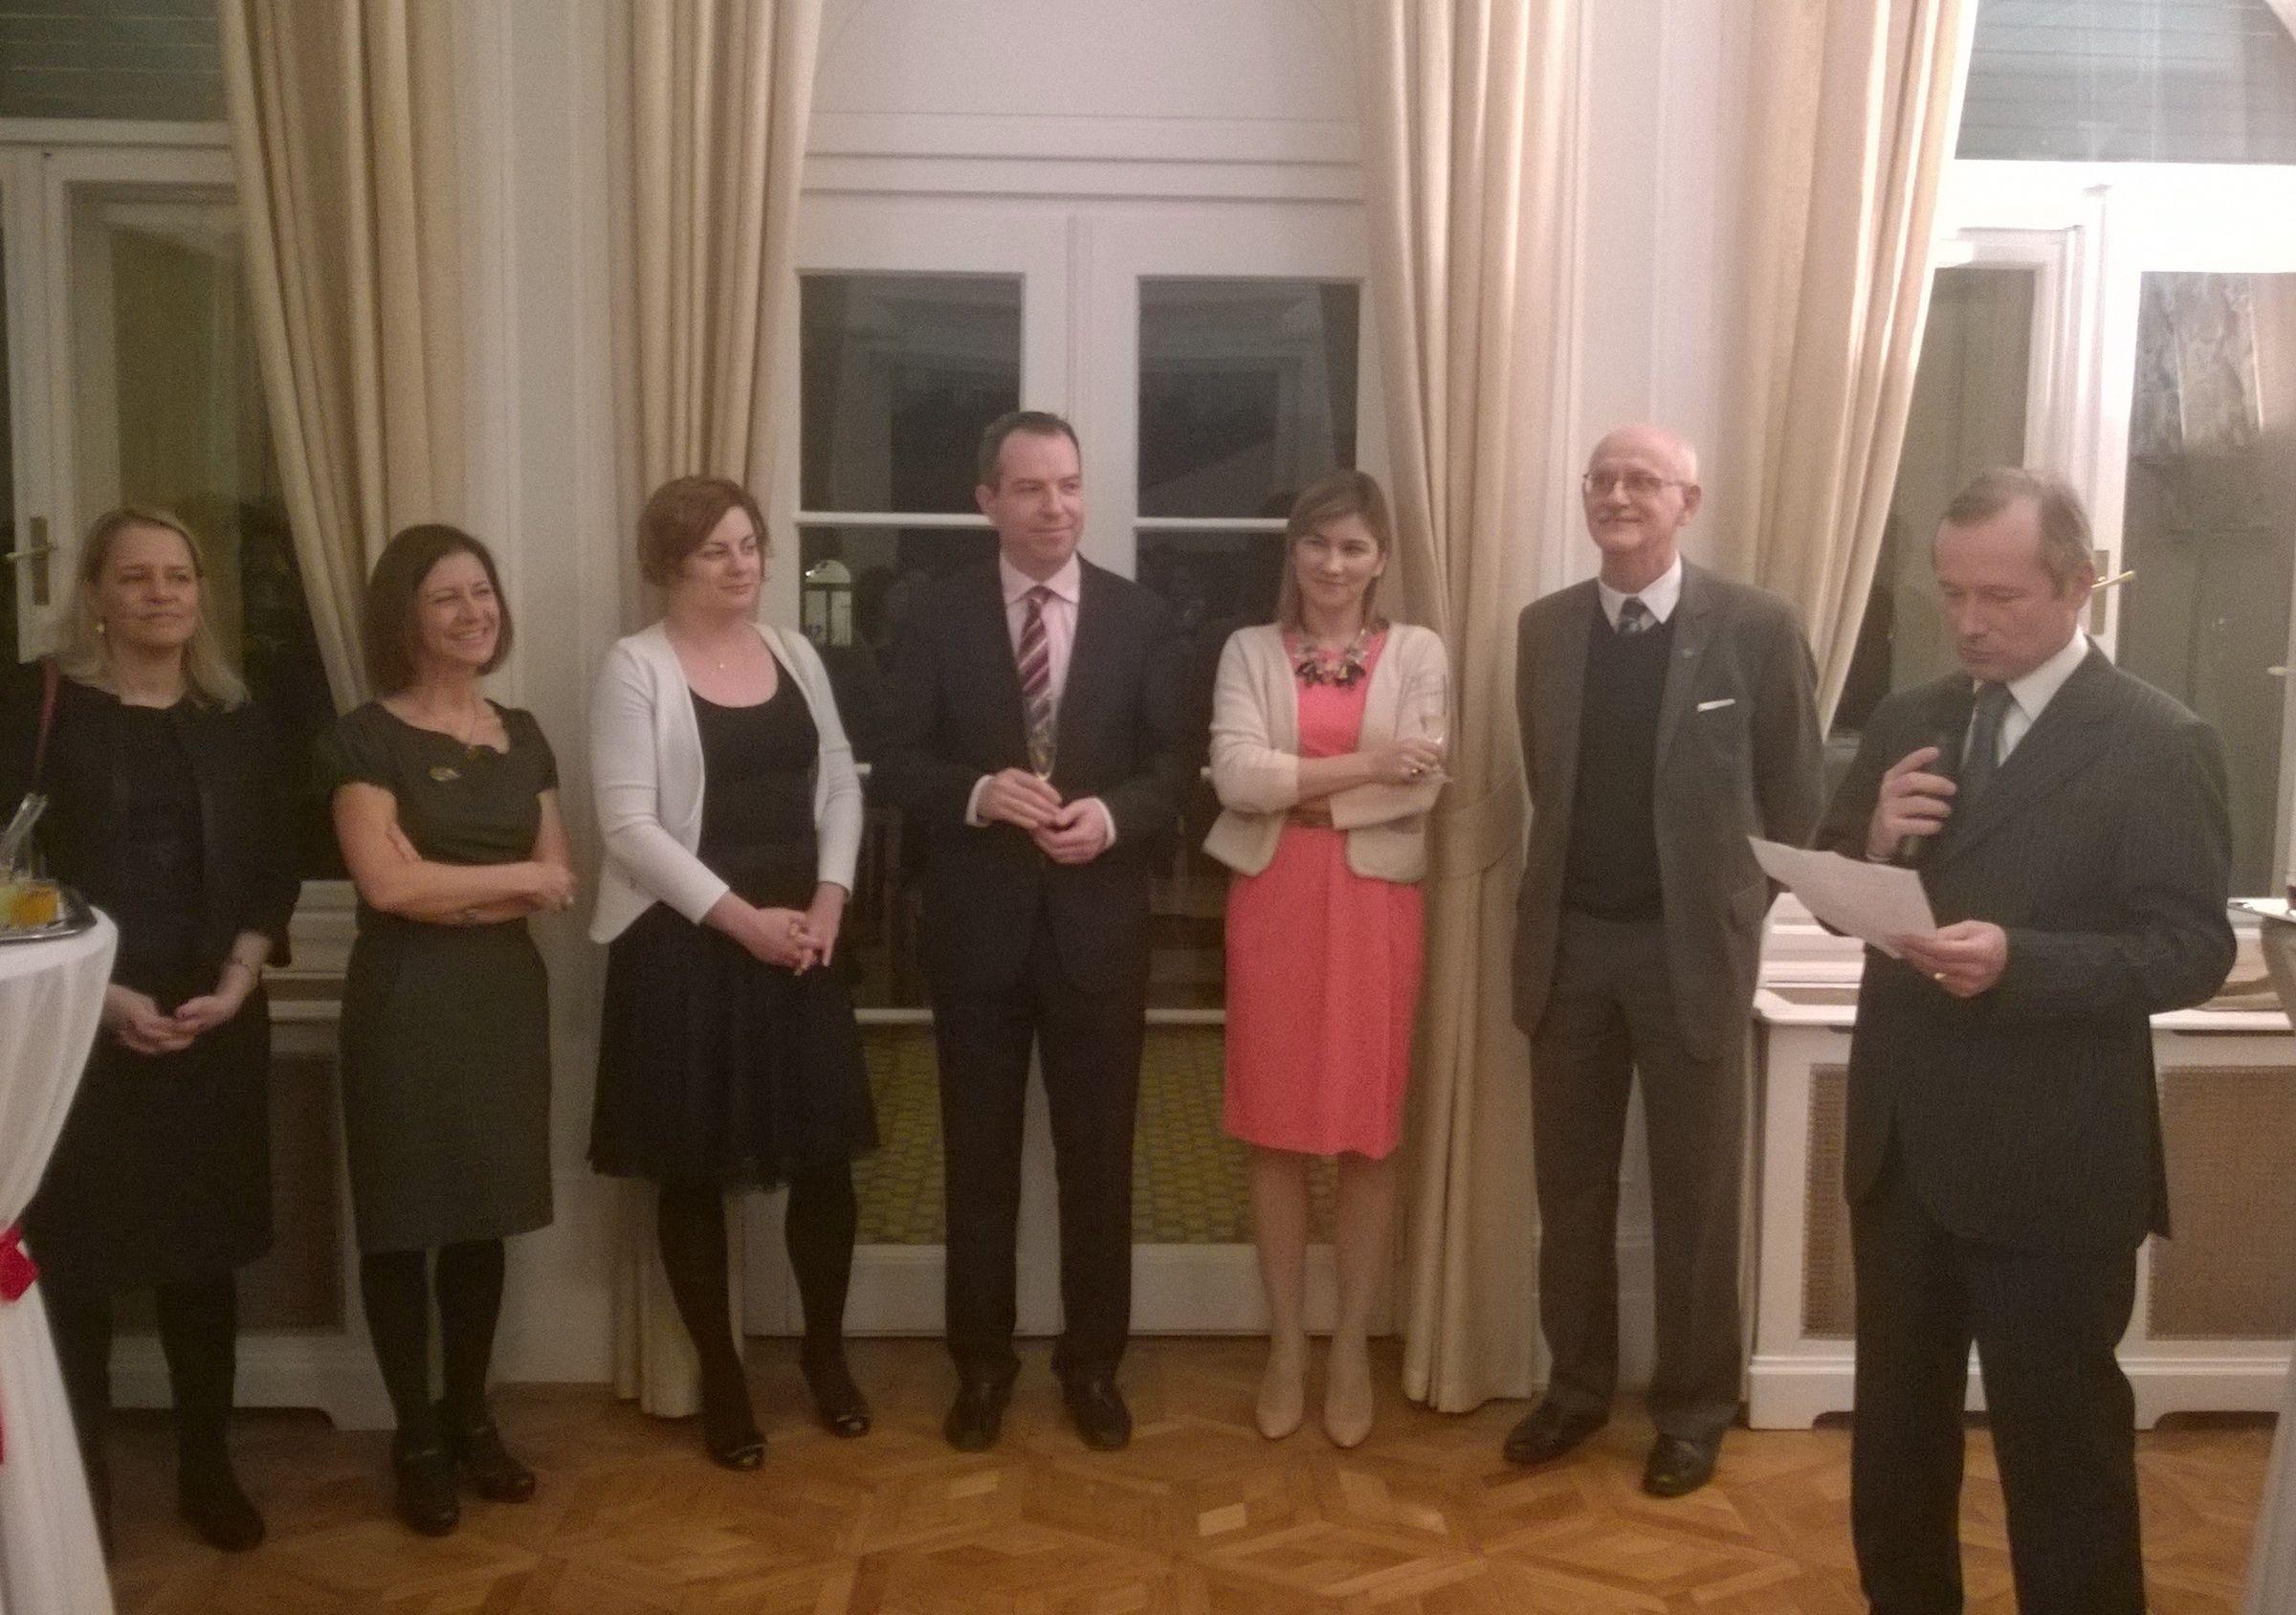 La recepción oficial, en la Residencia de Francia en Budapest.